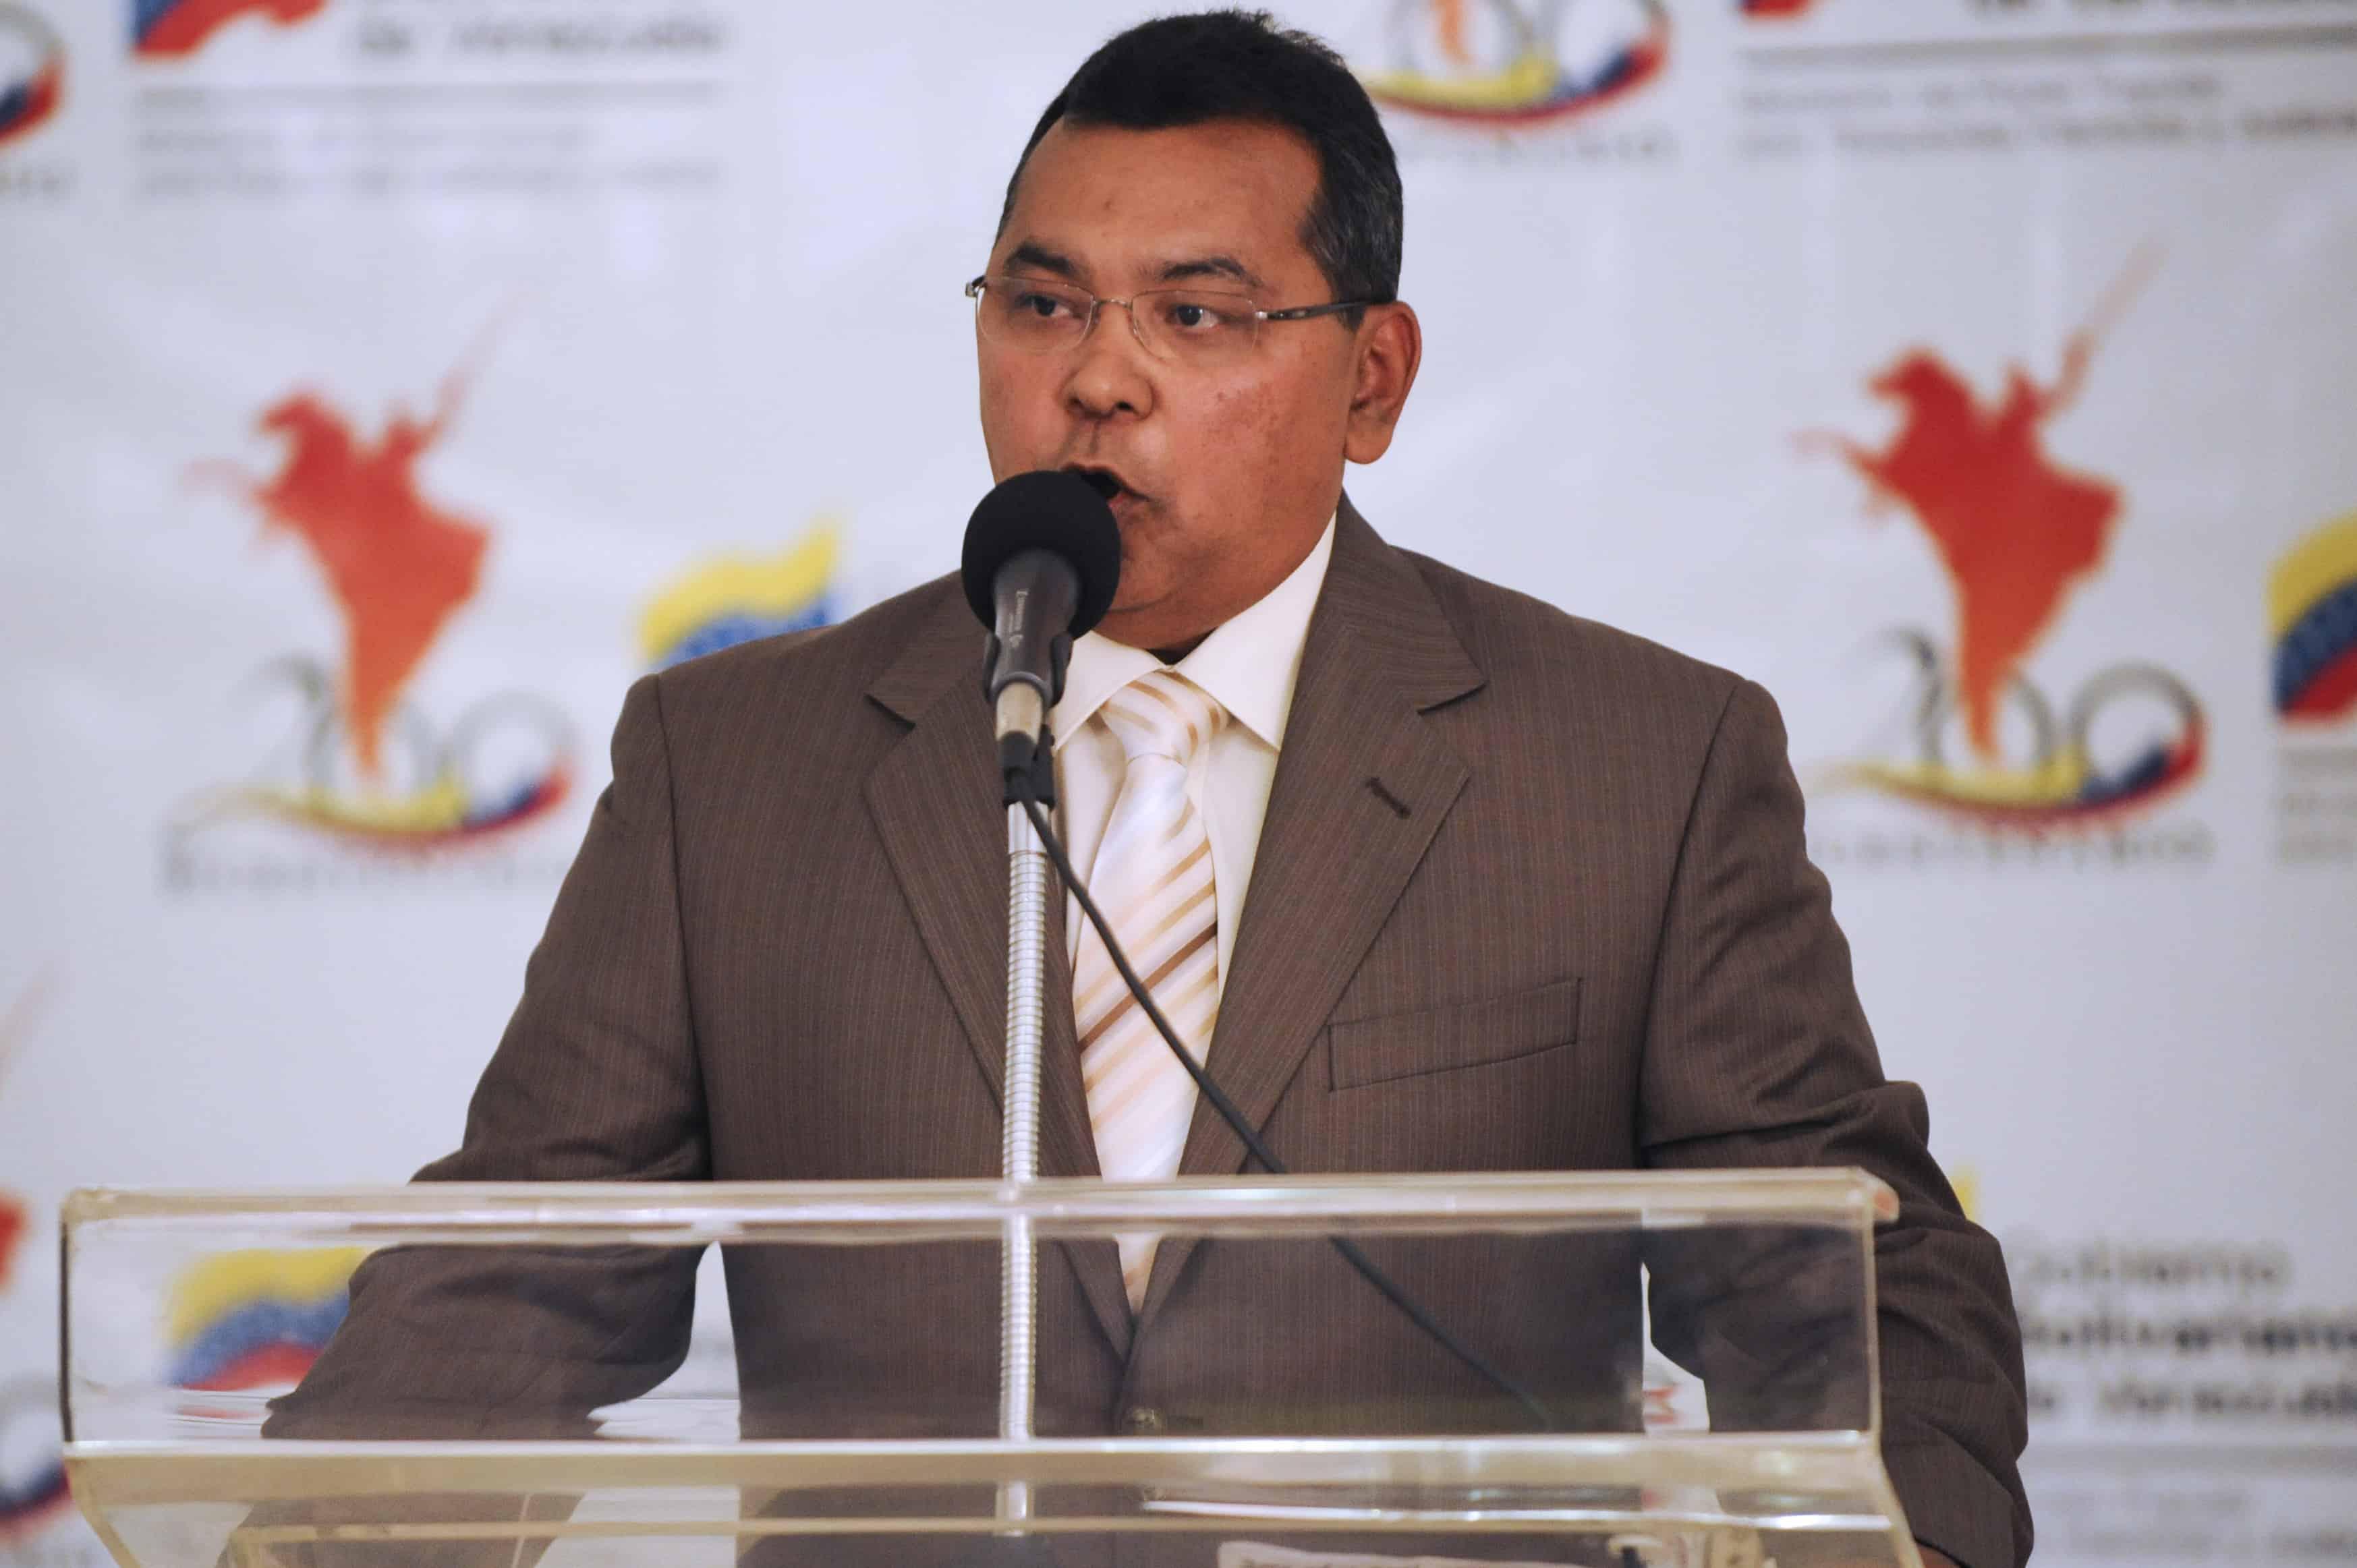 Venezuela drug trafficking: Néstor Reverol